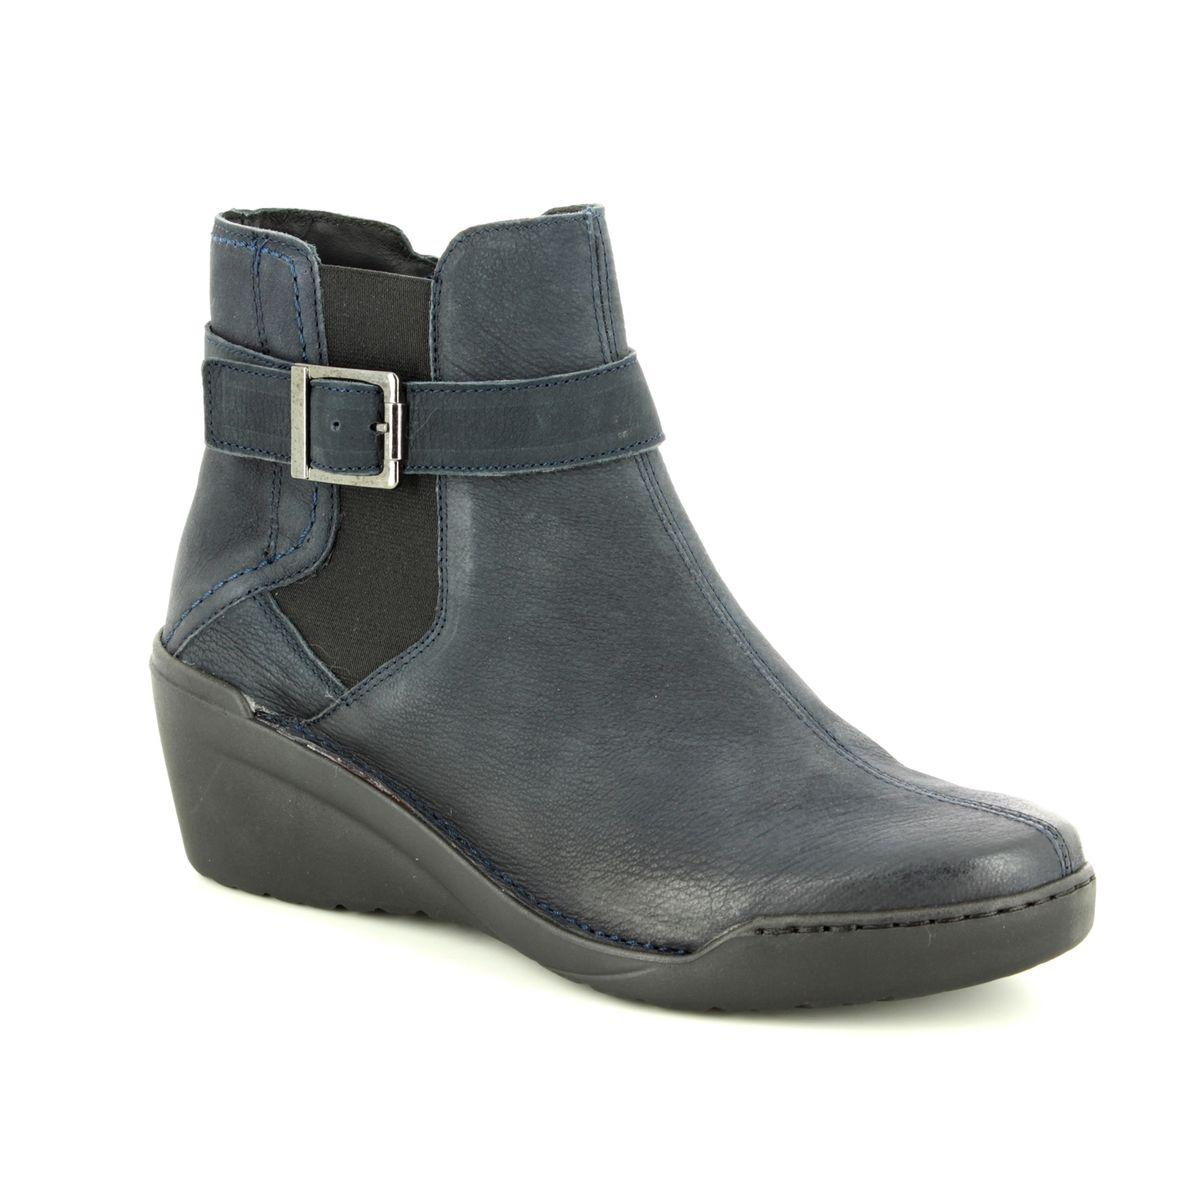 683798dafa9 Relaxshoe Wedge Boots - Navy nubuck - 461005 70 WINGA